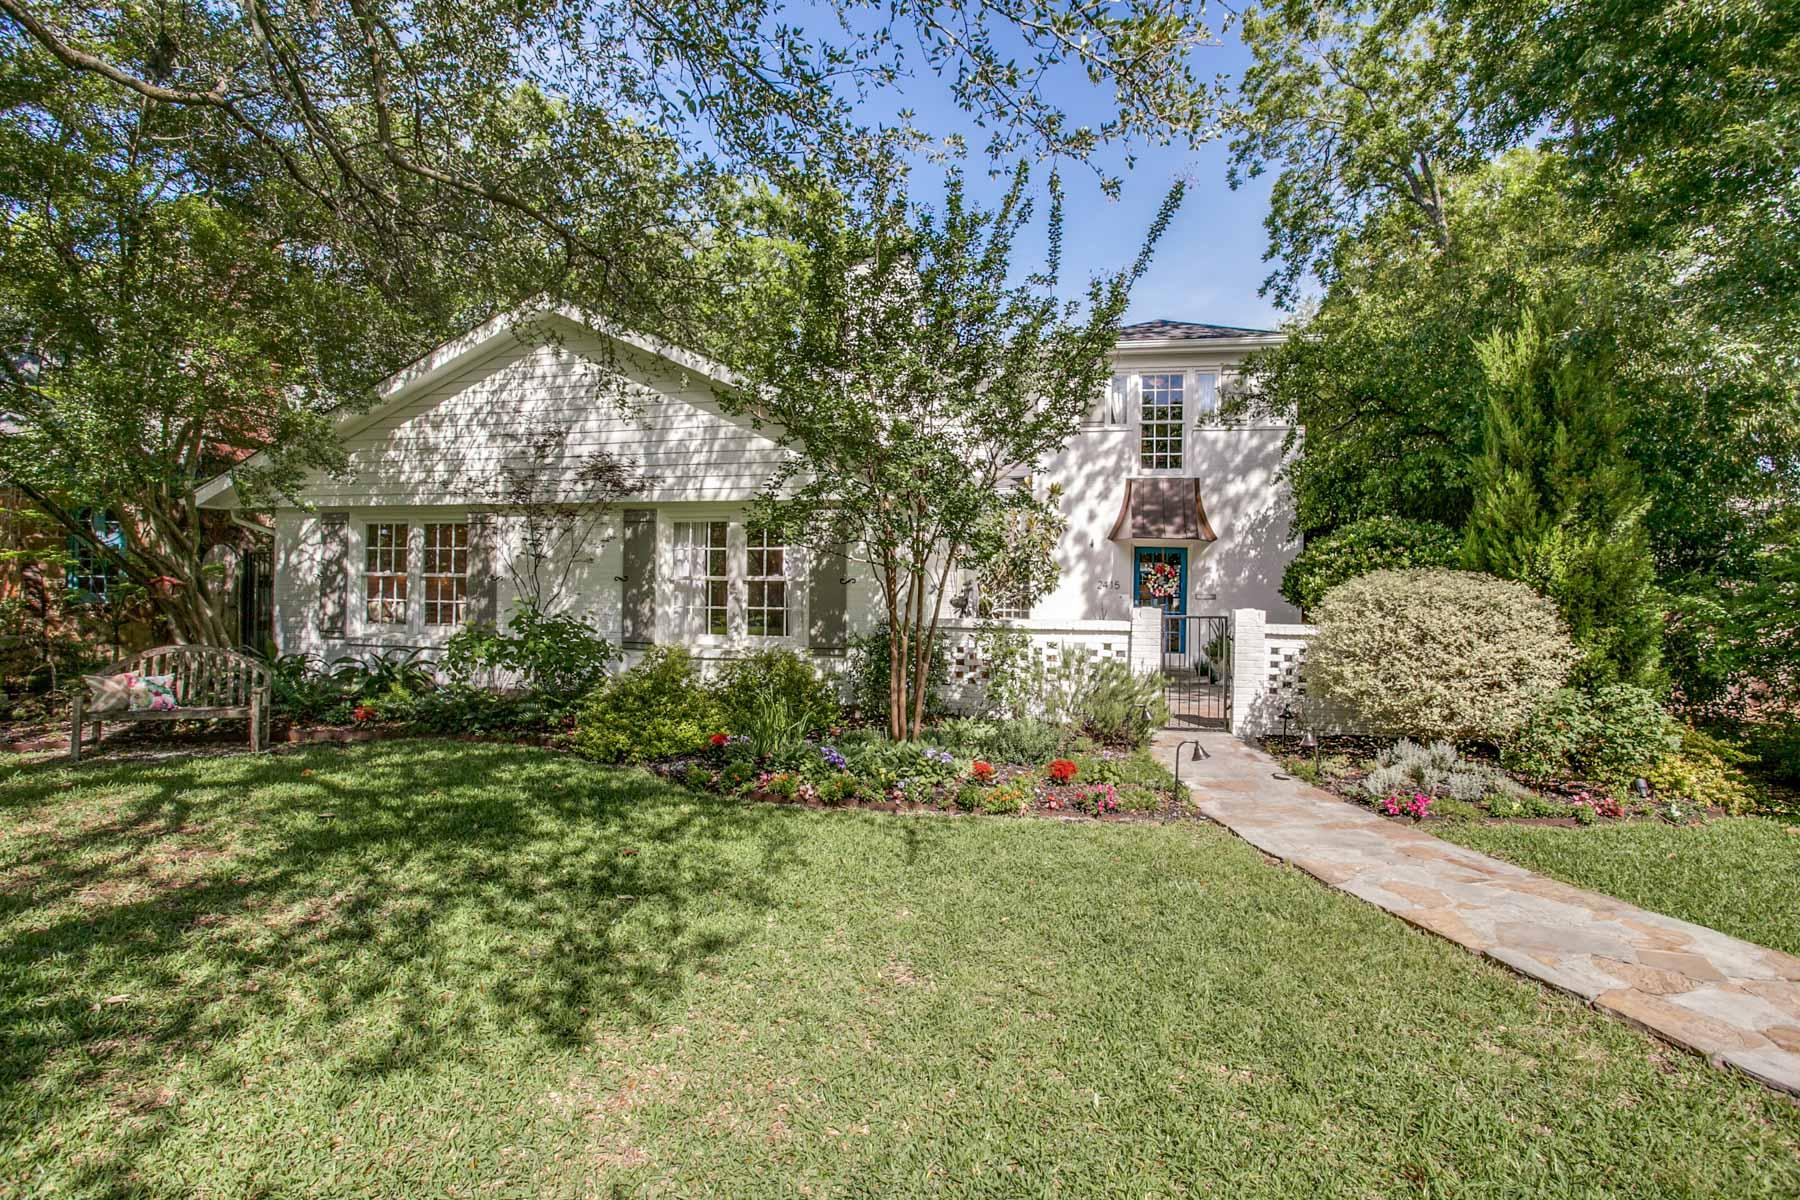 獨棟家庭住宅 為 出售 在 2415 Hillside Drive, Dallas Dallas, 德克薩斯州, 75214 美國